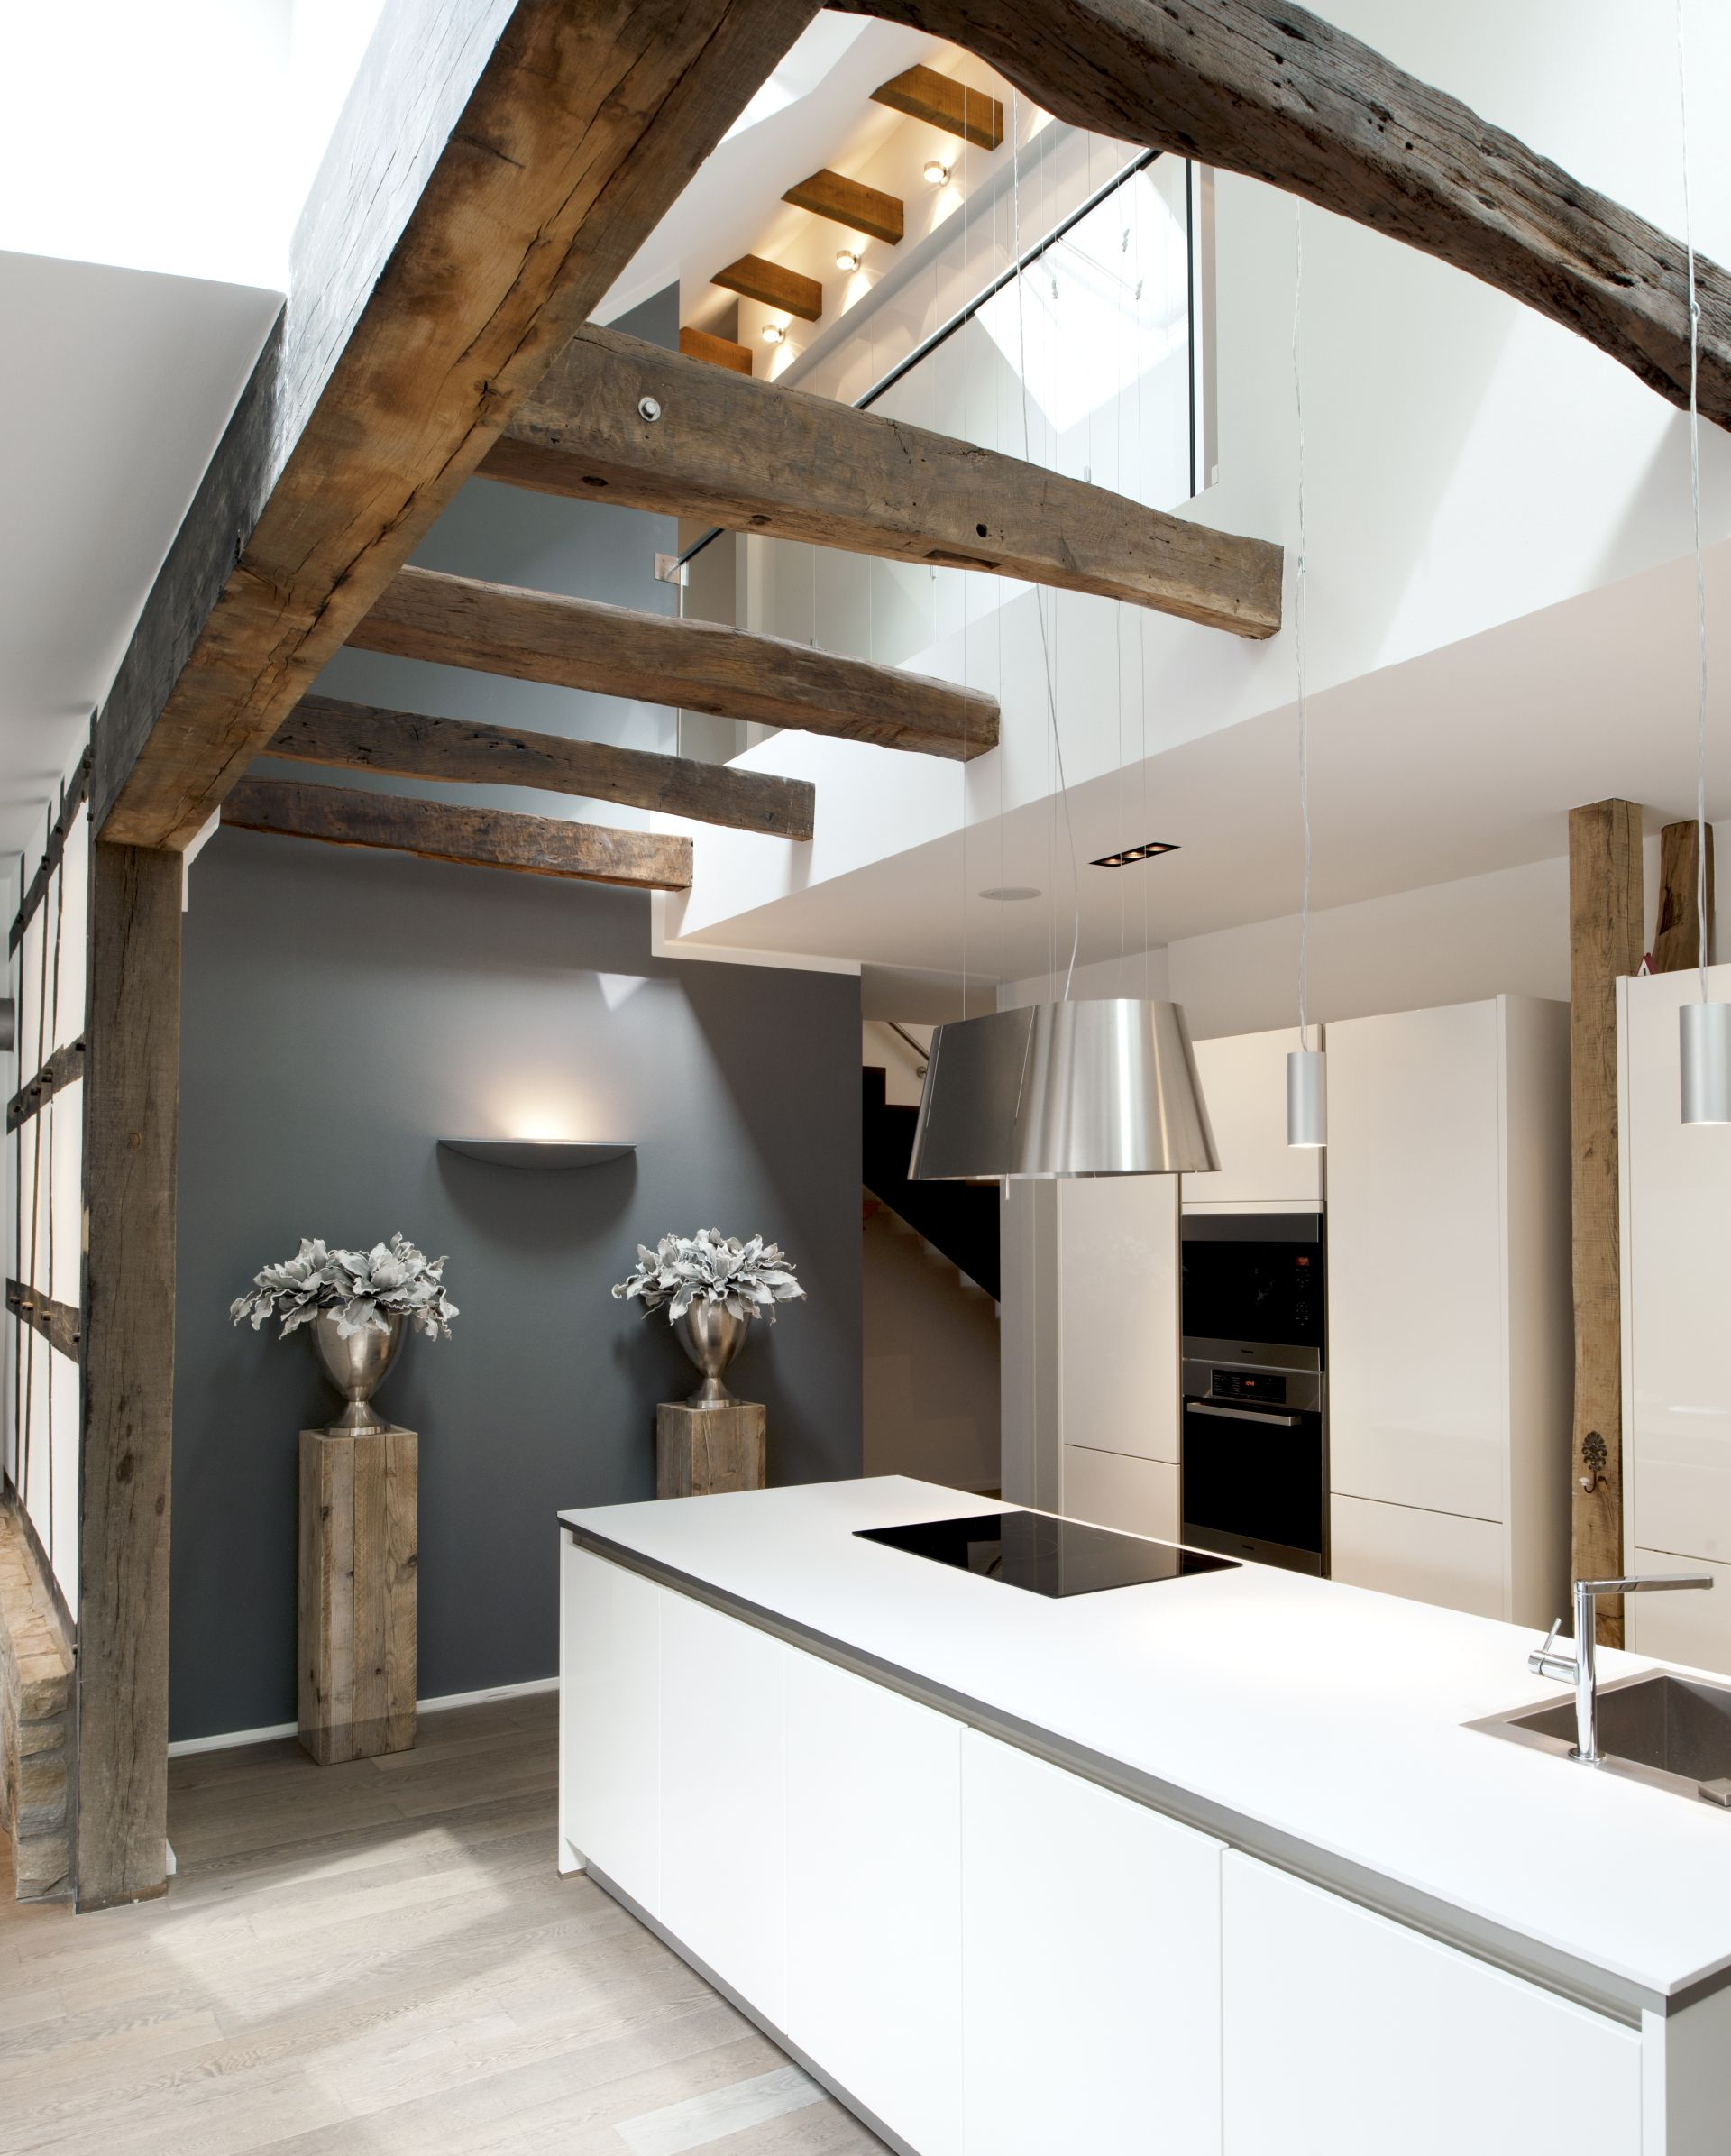 Moderne Küche in historischem Altbau - bauemotion.de